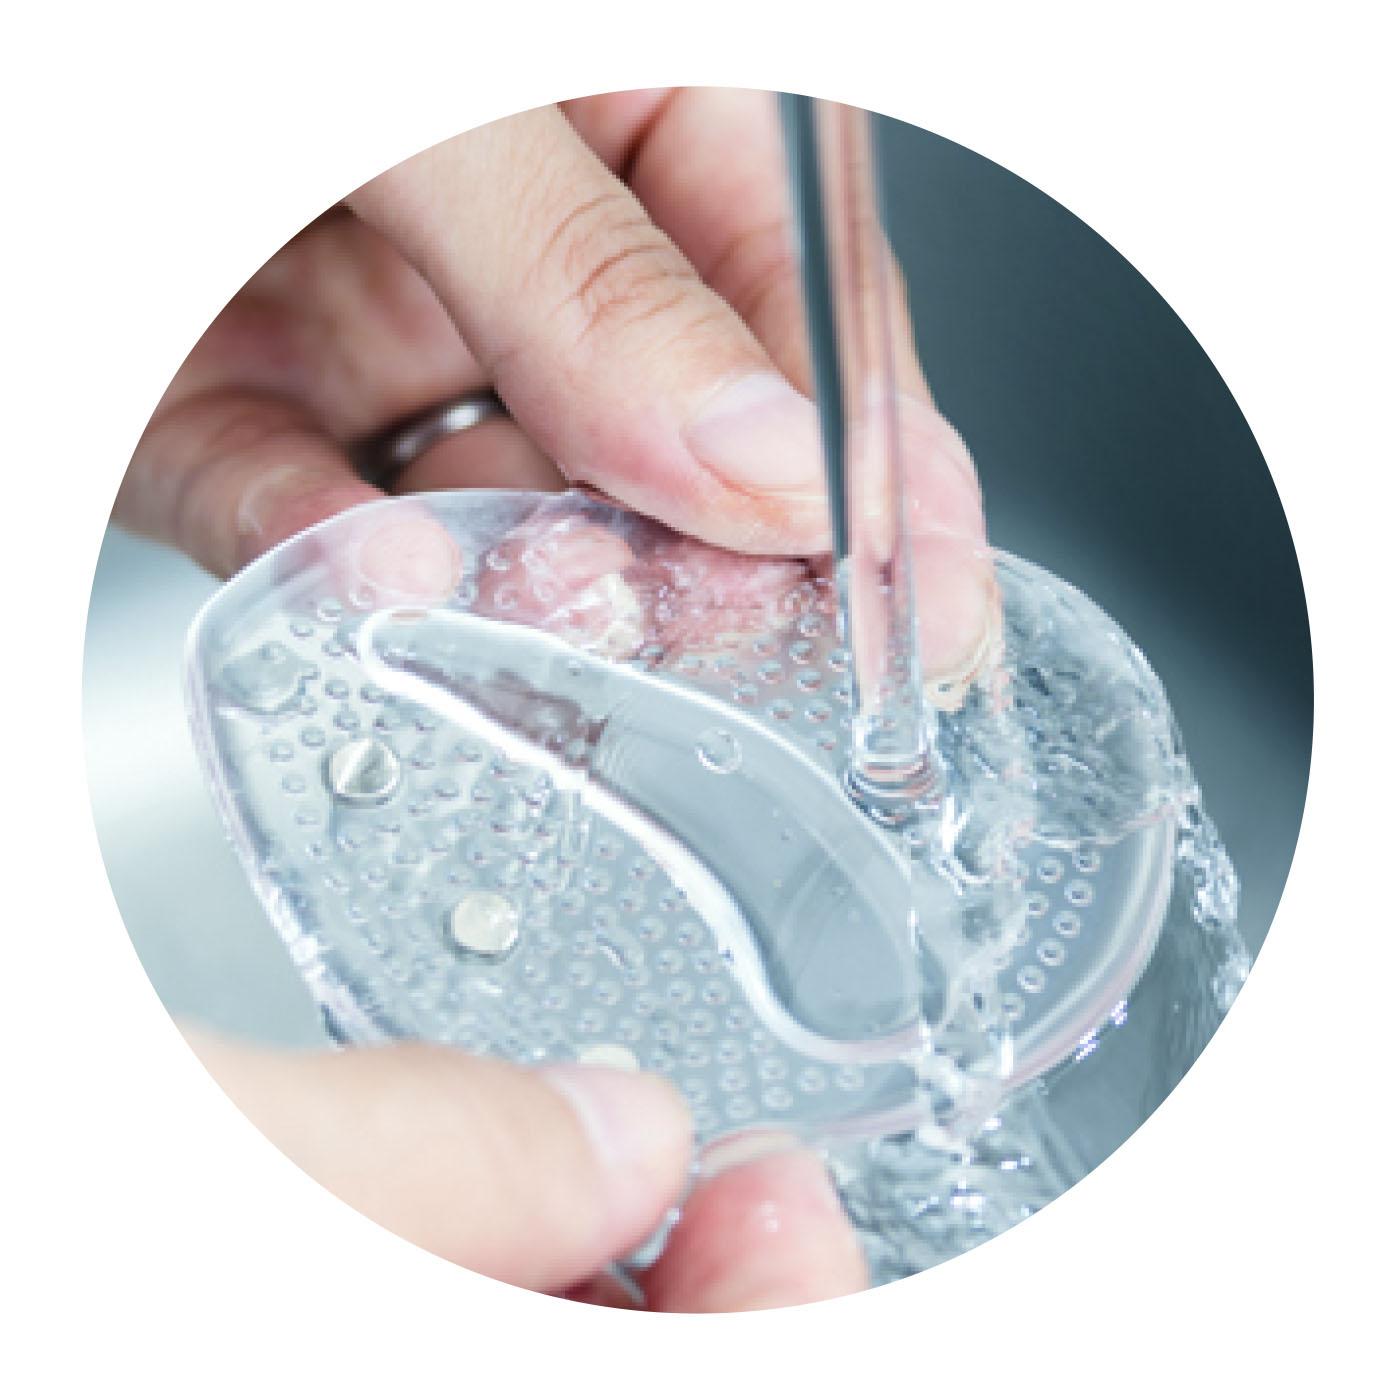 お手入れカンタン、水洗いOK! 磁石は弾力性のあるシートに埋め込まれているので水洗いもOK。